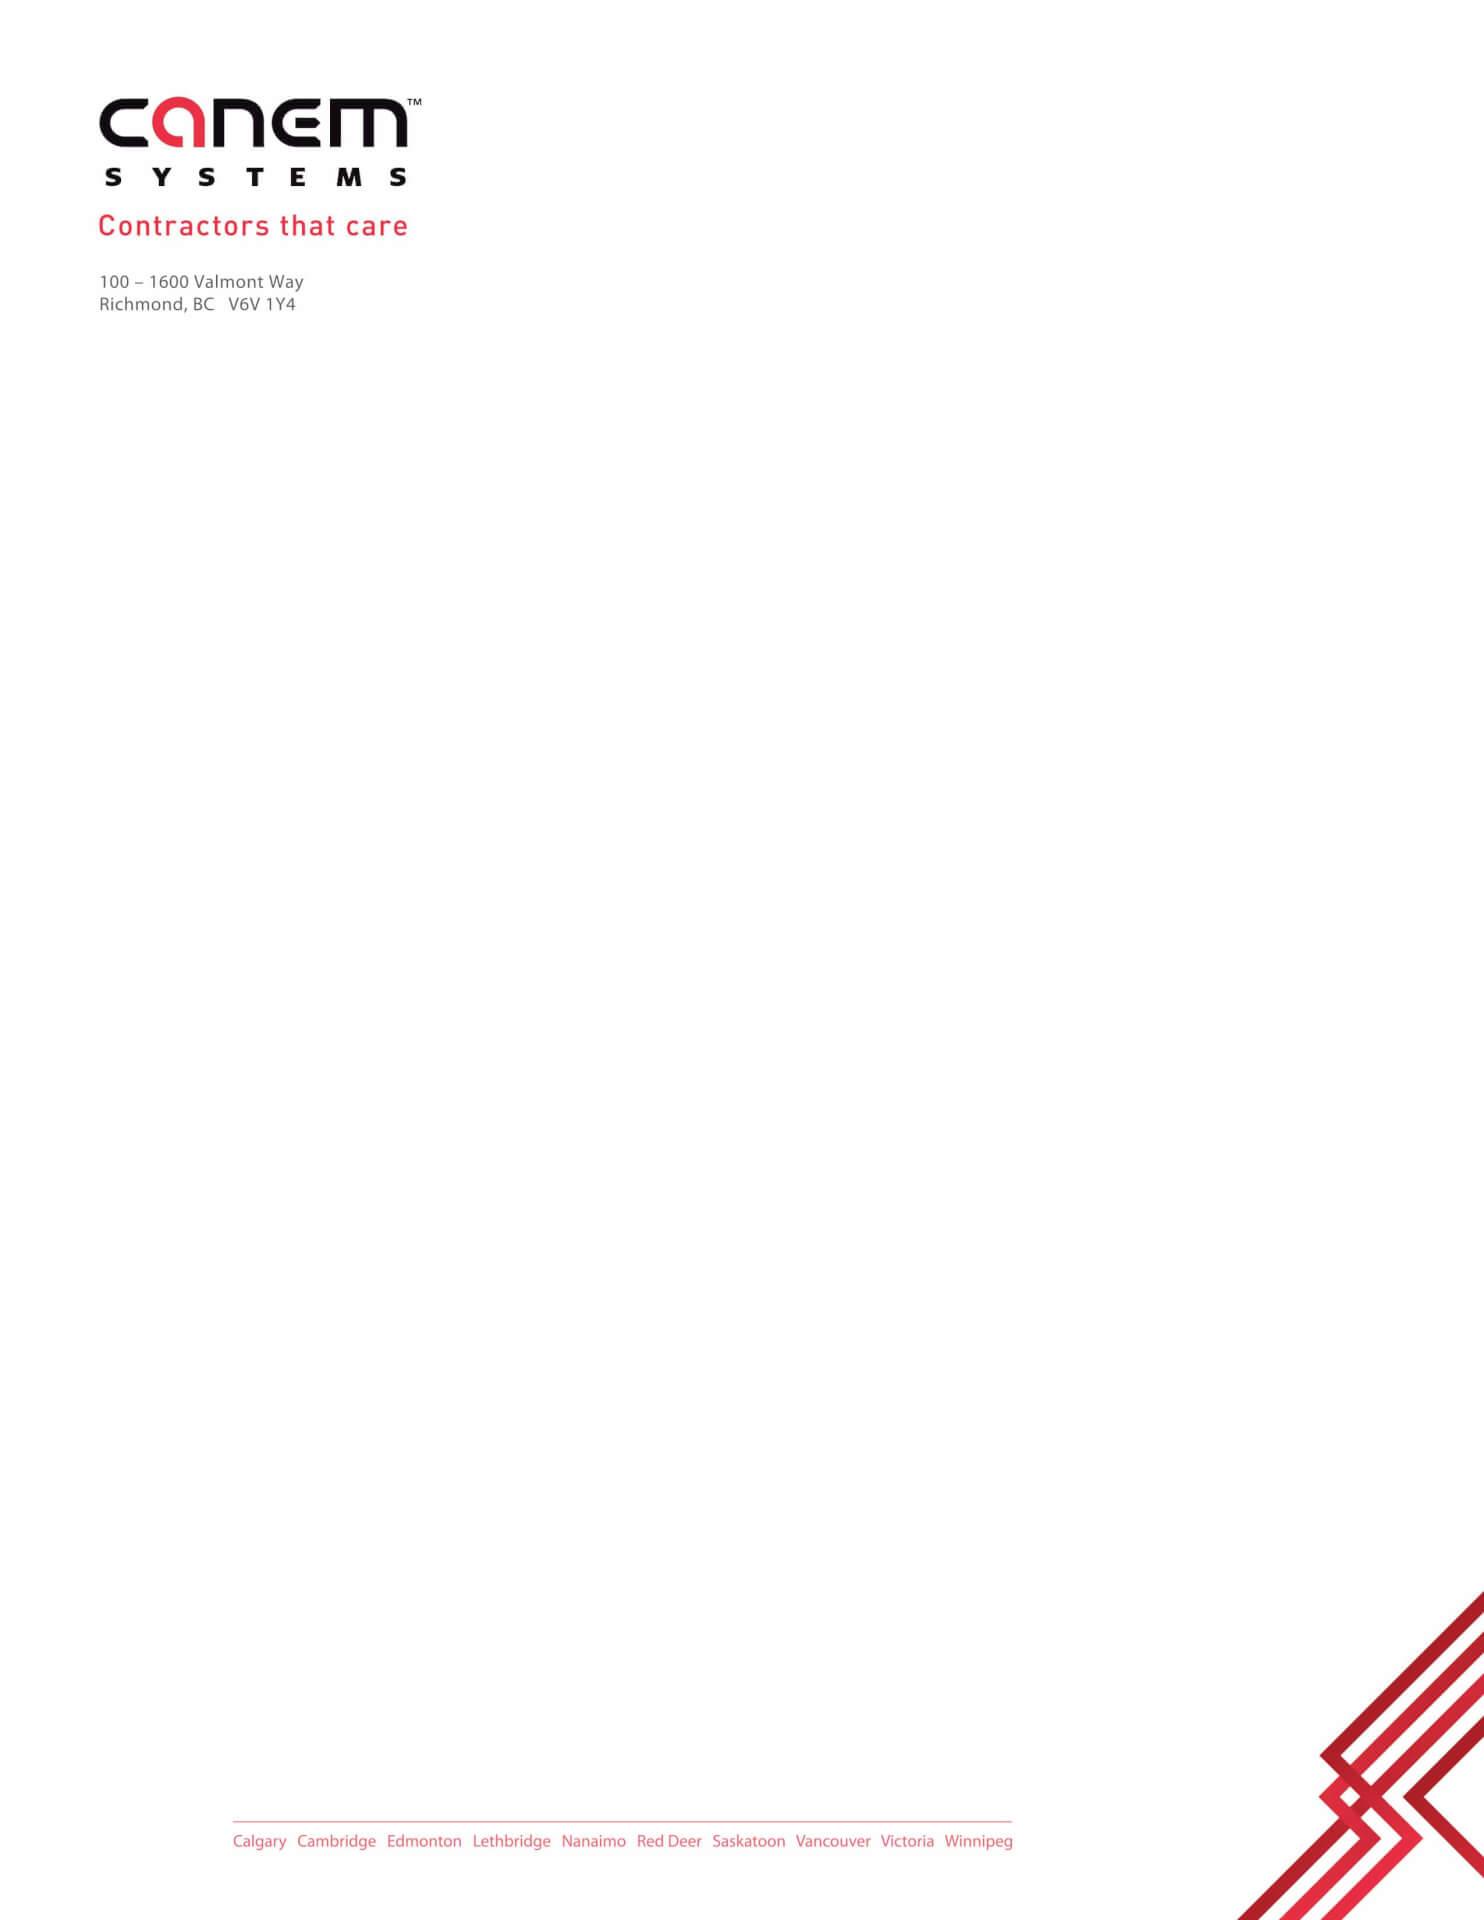 Canem letterhead Vancouver